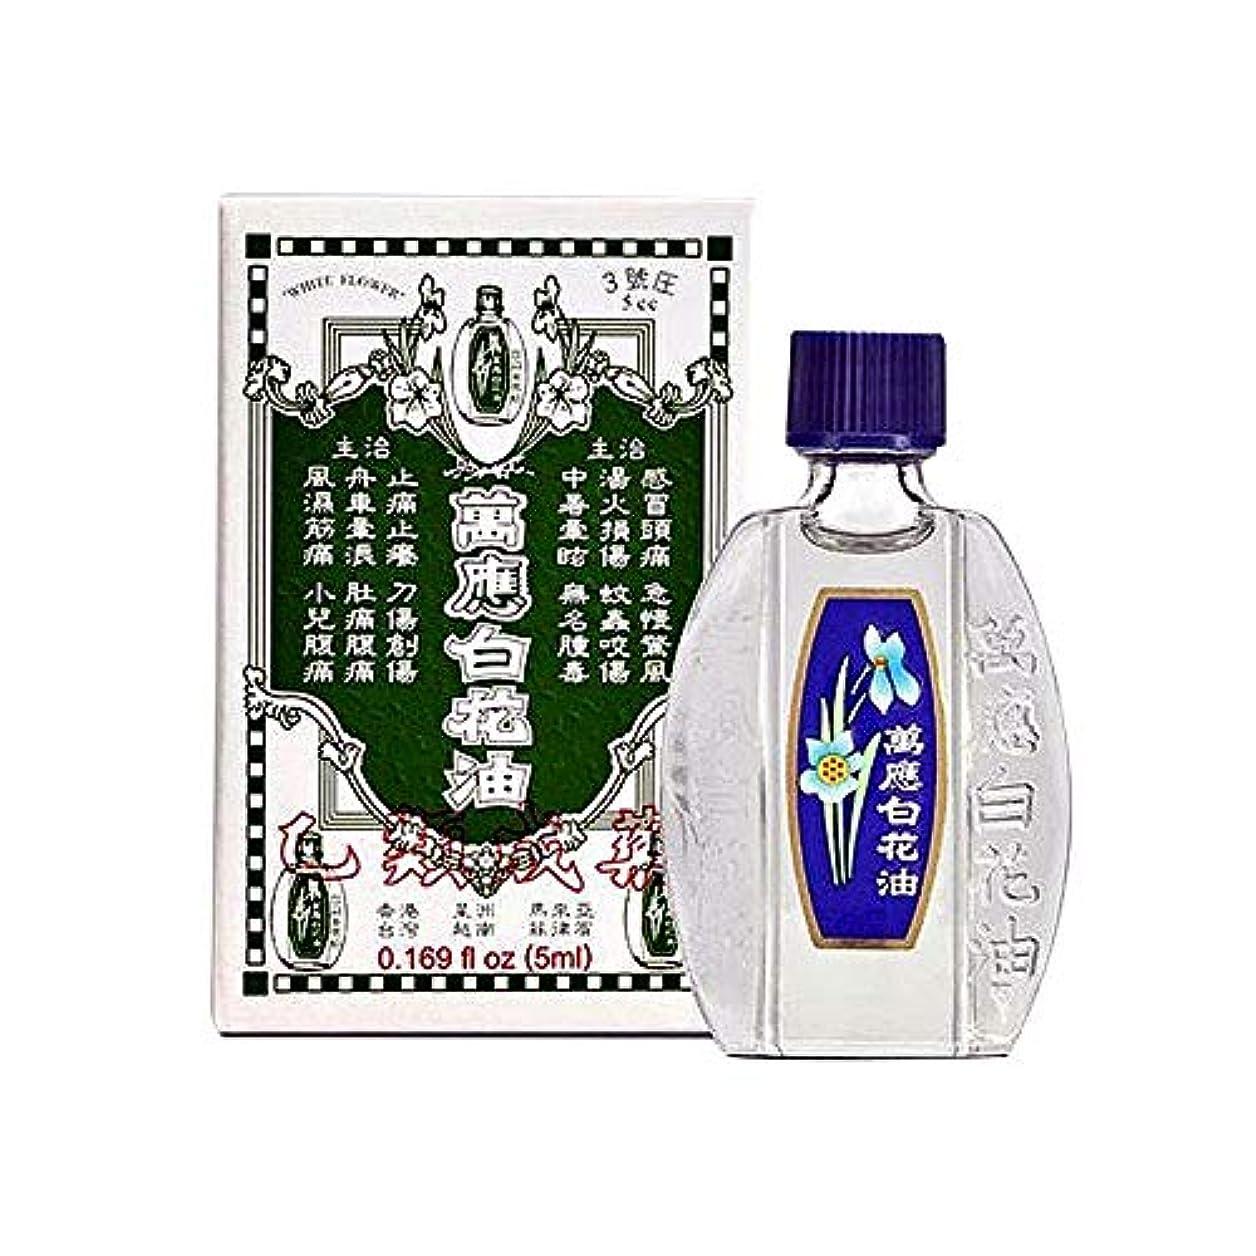 《萬應白花油》 台湾の万能アロマオイル 万能白花油 5ml 《台湾 お土産》 [並行輸入品]